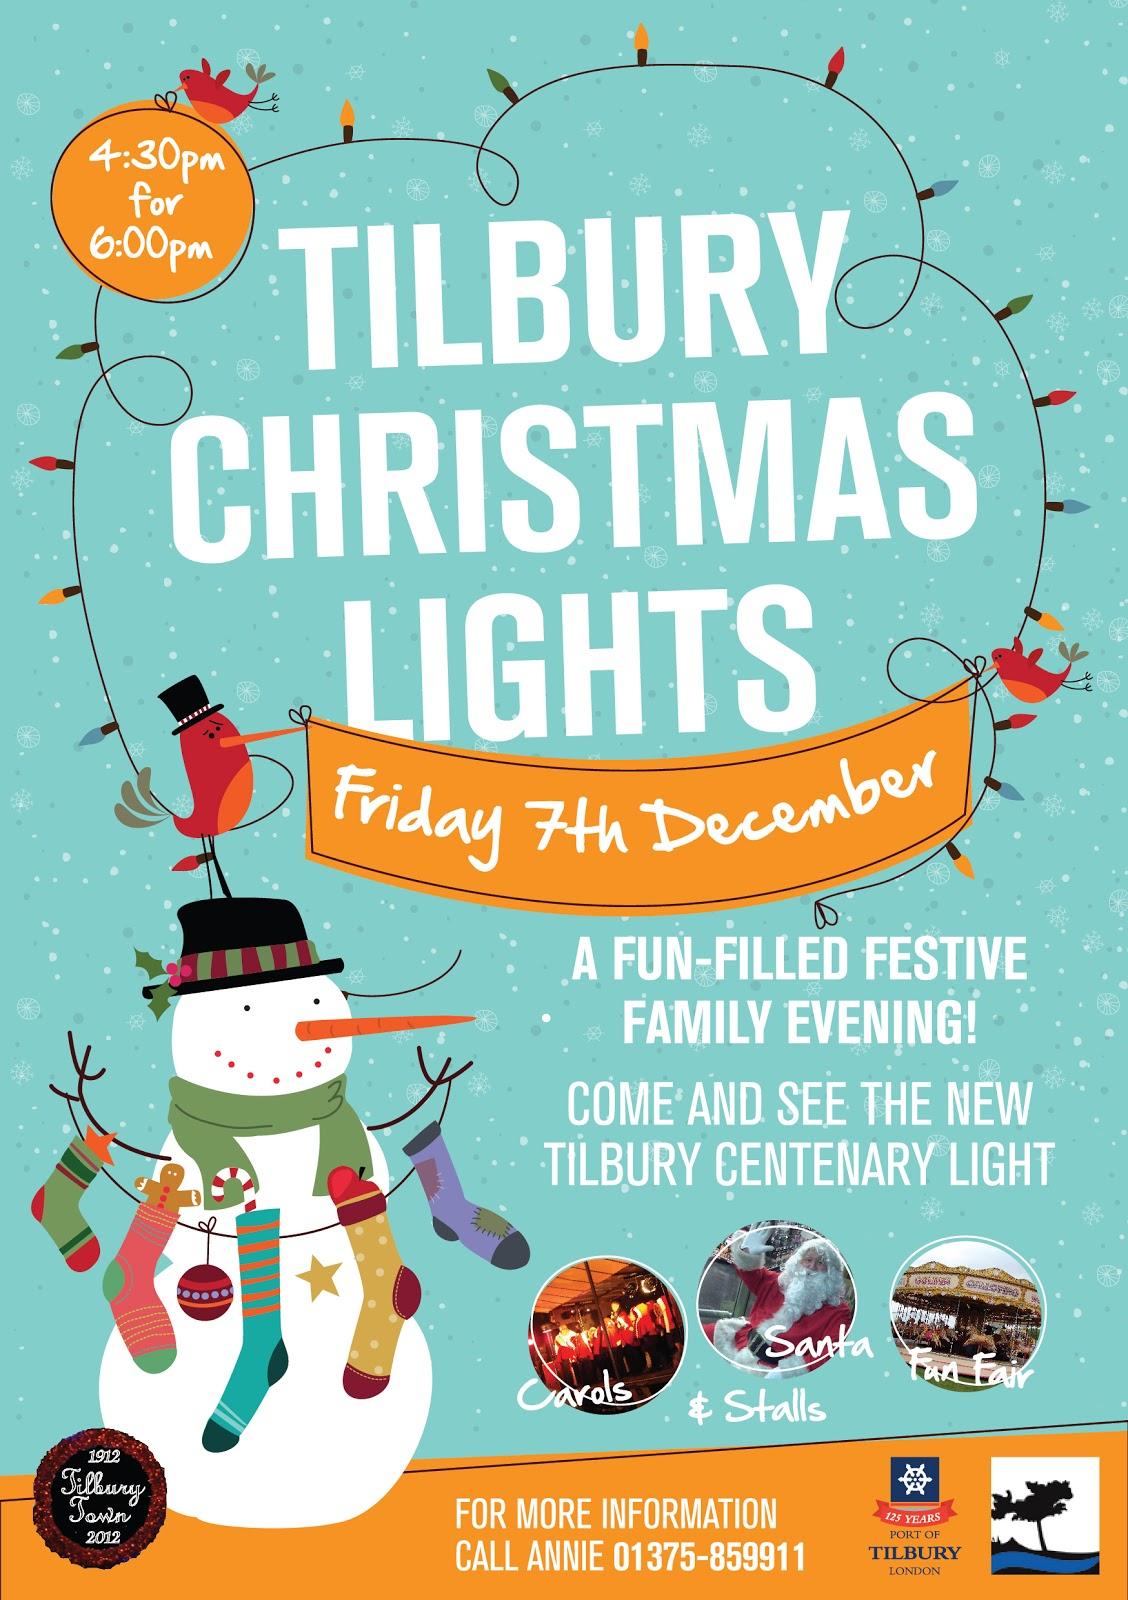 Christmas Poster Tilbury christmas lights 2012